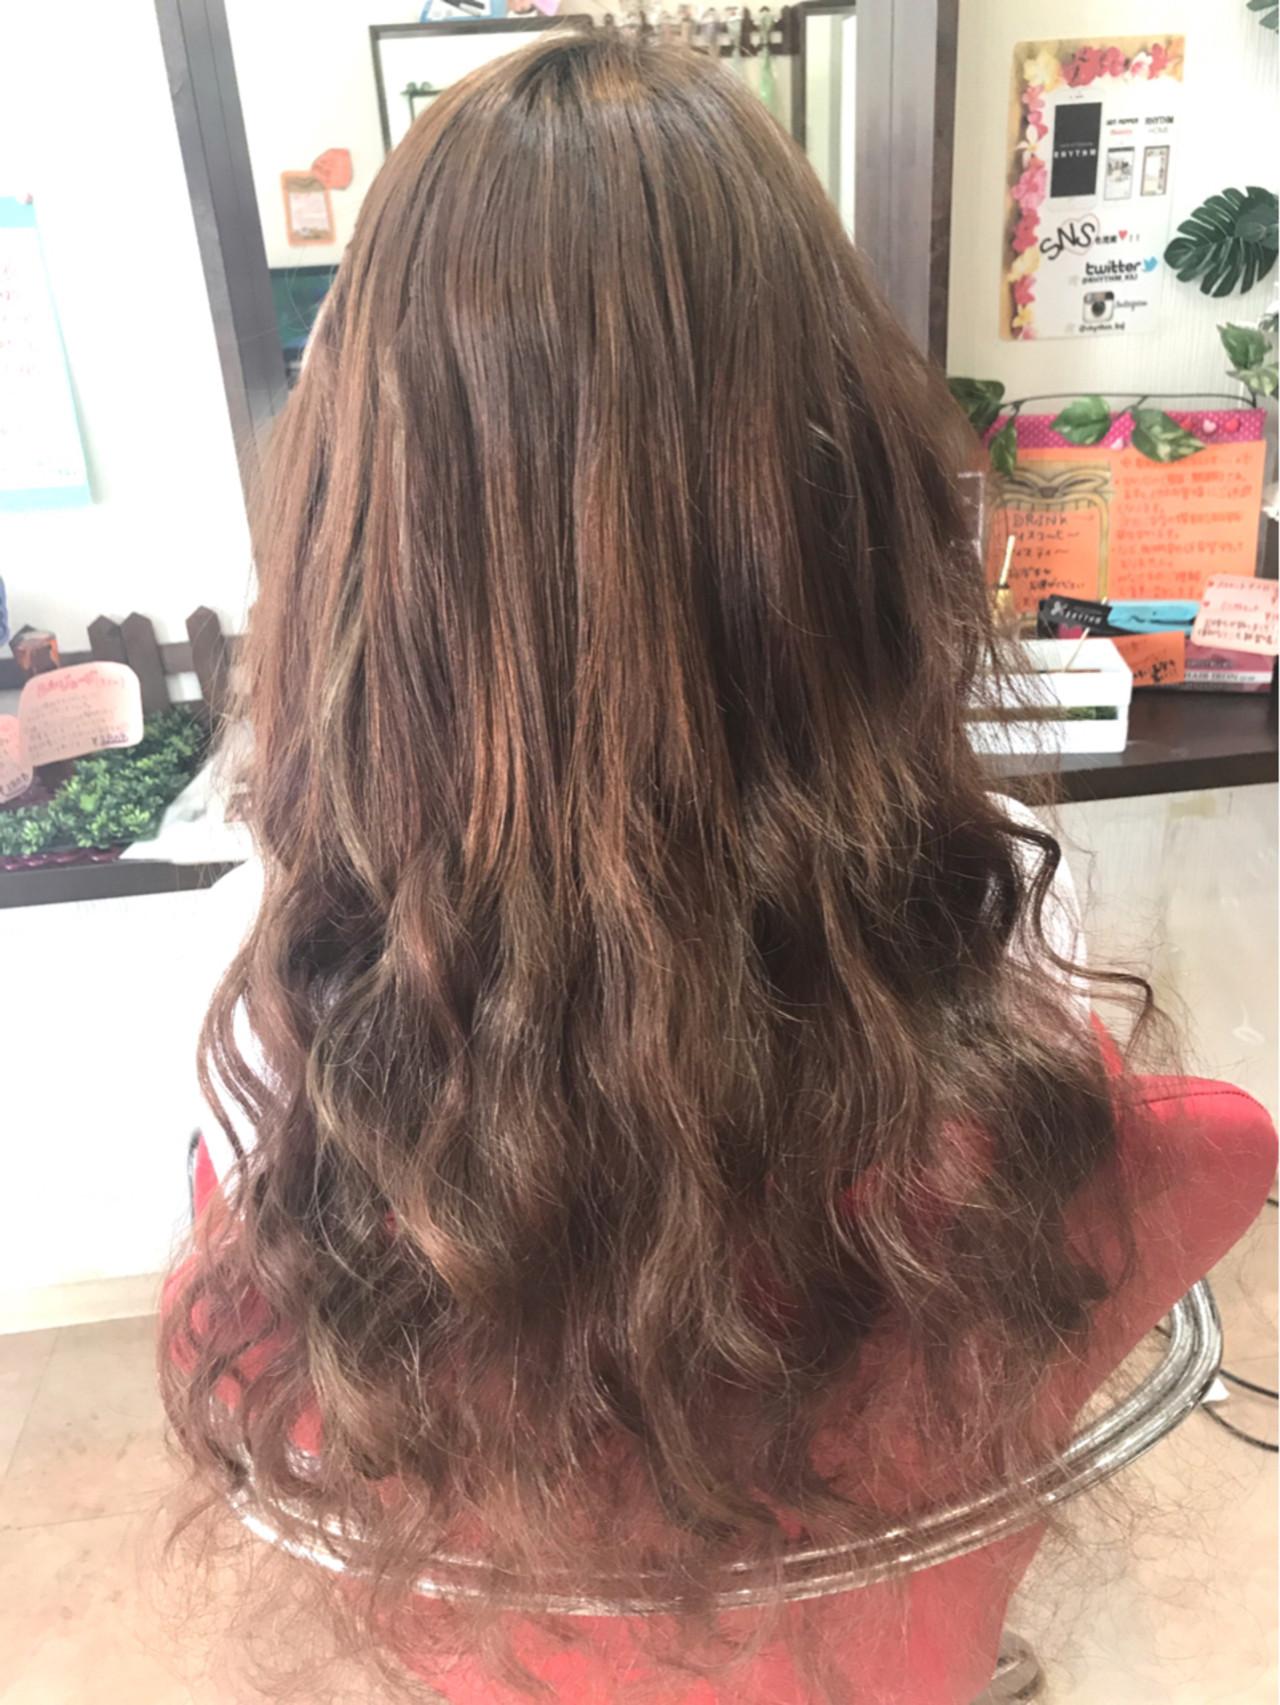 ナチュラル ロング 秋 抜け感 ヘアスタイルや髪型の写真・画像 | リズム / エクステンションリズム北千住店